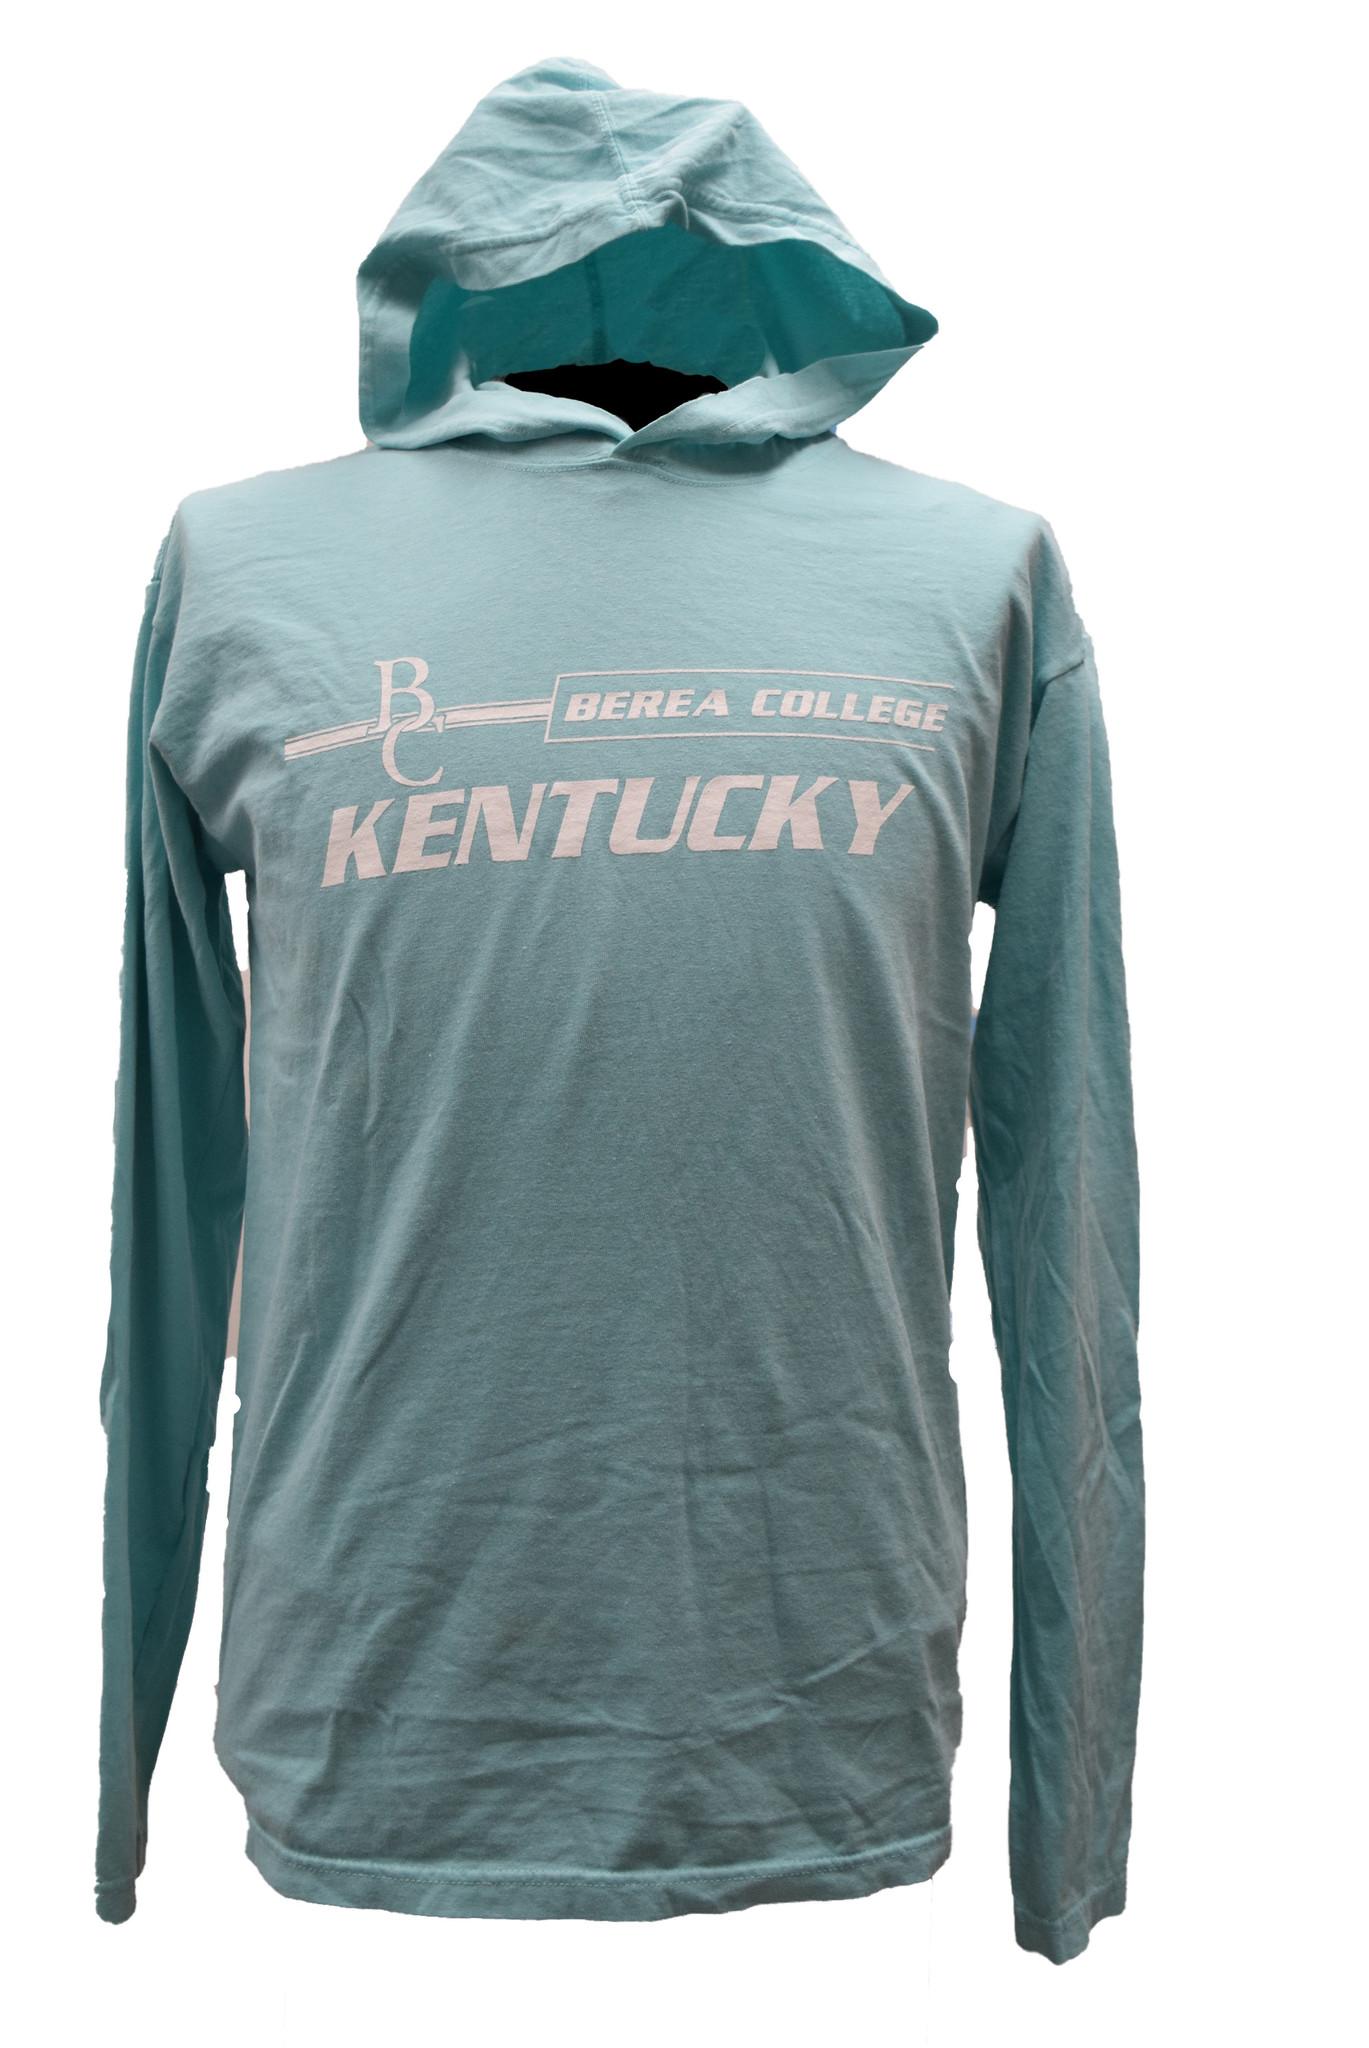 Berea College Kentucky Hooded T-shirt-2